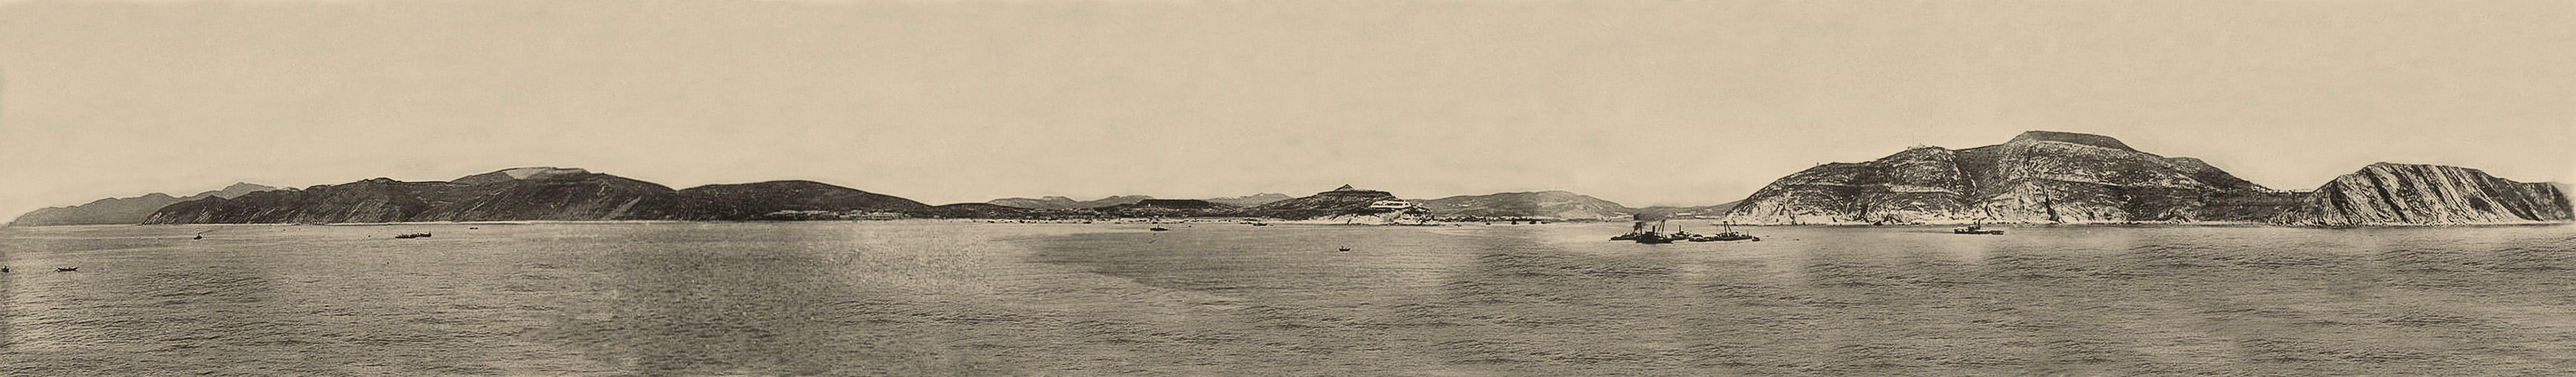 Панорама П-Артура с моря